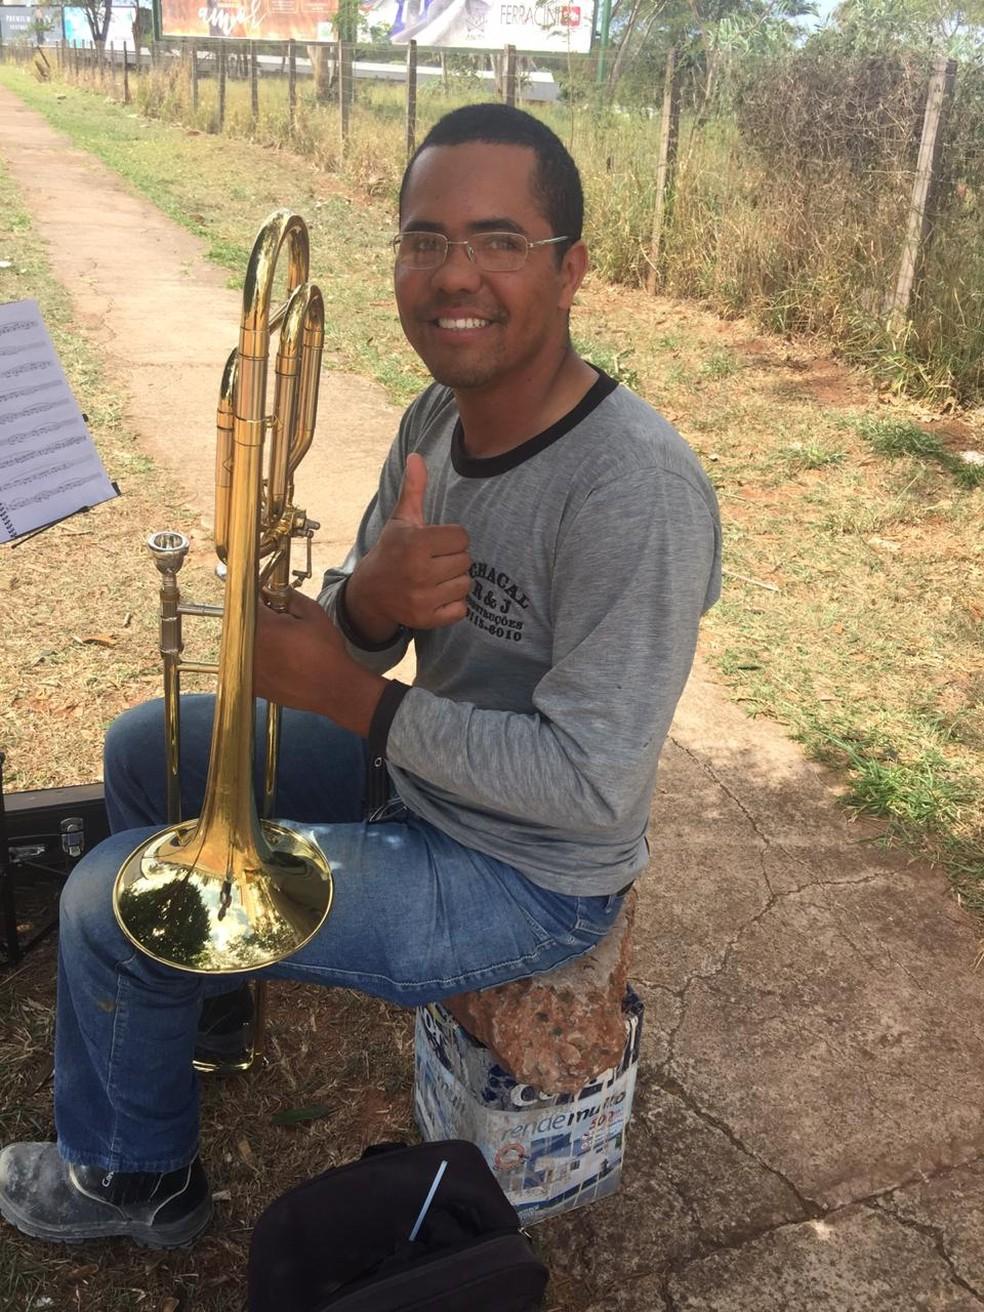 Pedreiro aproveita intervalo de obra para estudar trombone, no centro de Campo Grande. — Foto: Lucas Matto